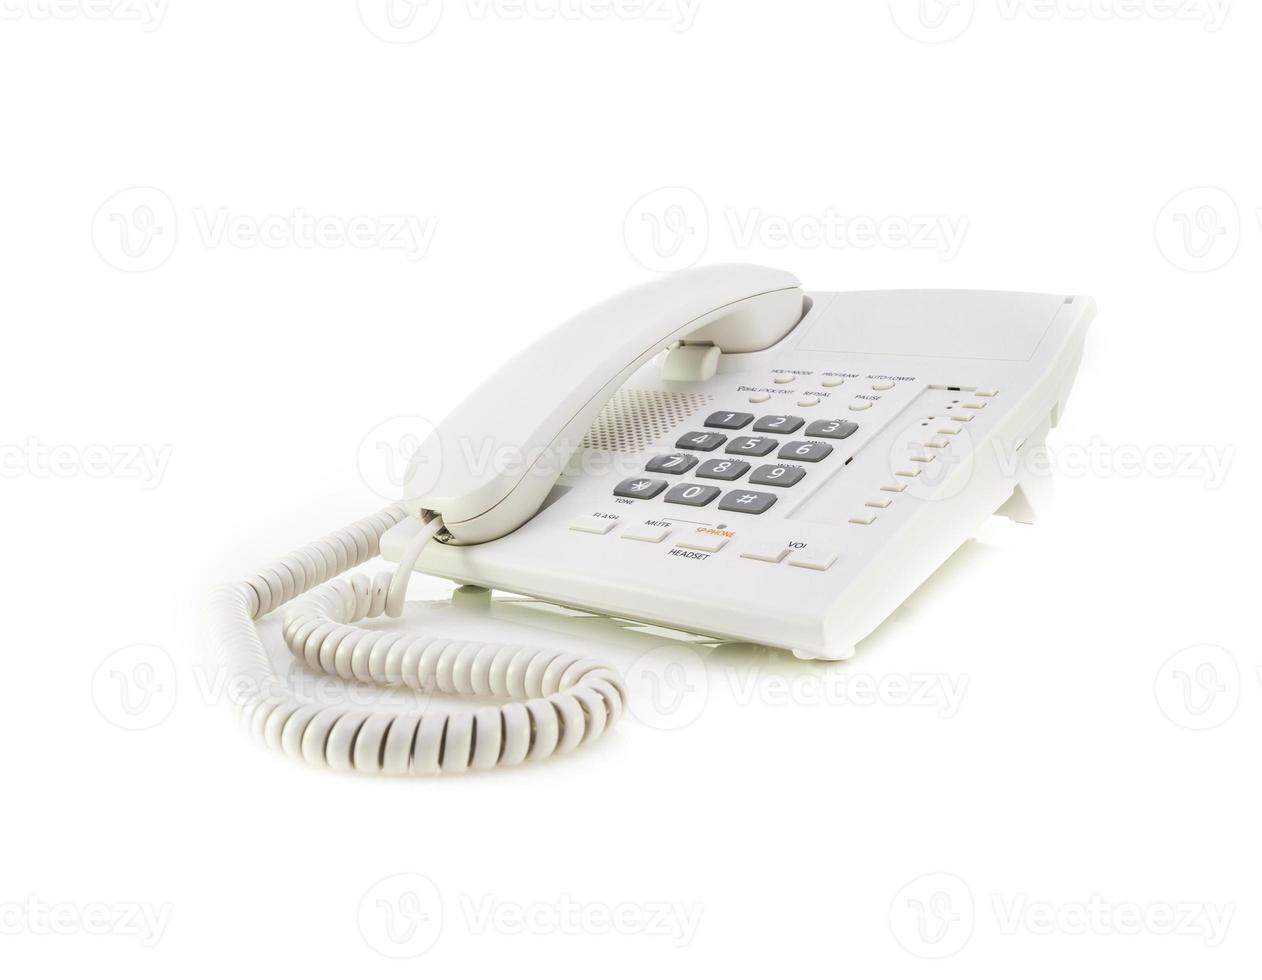 Bürotelefon foto